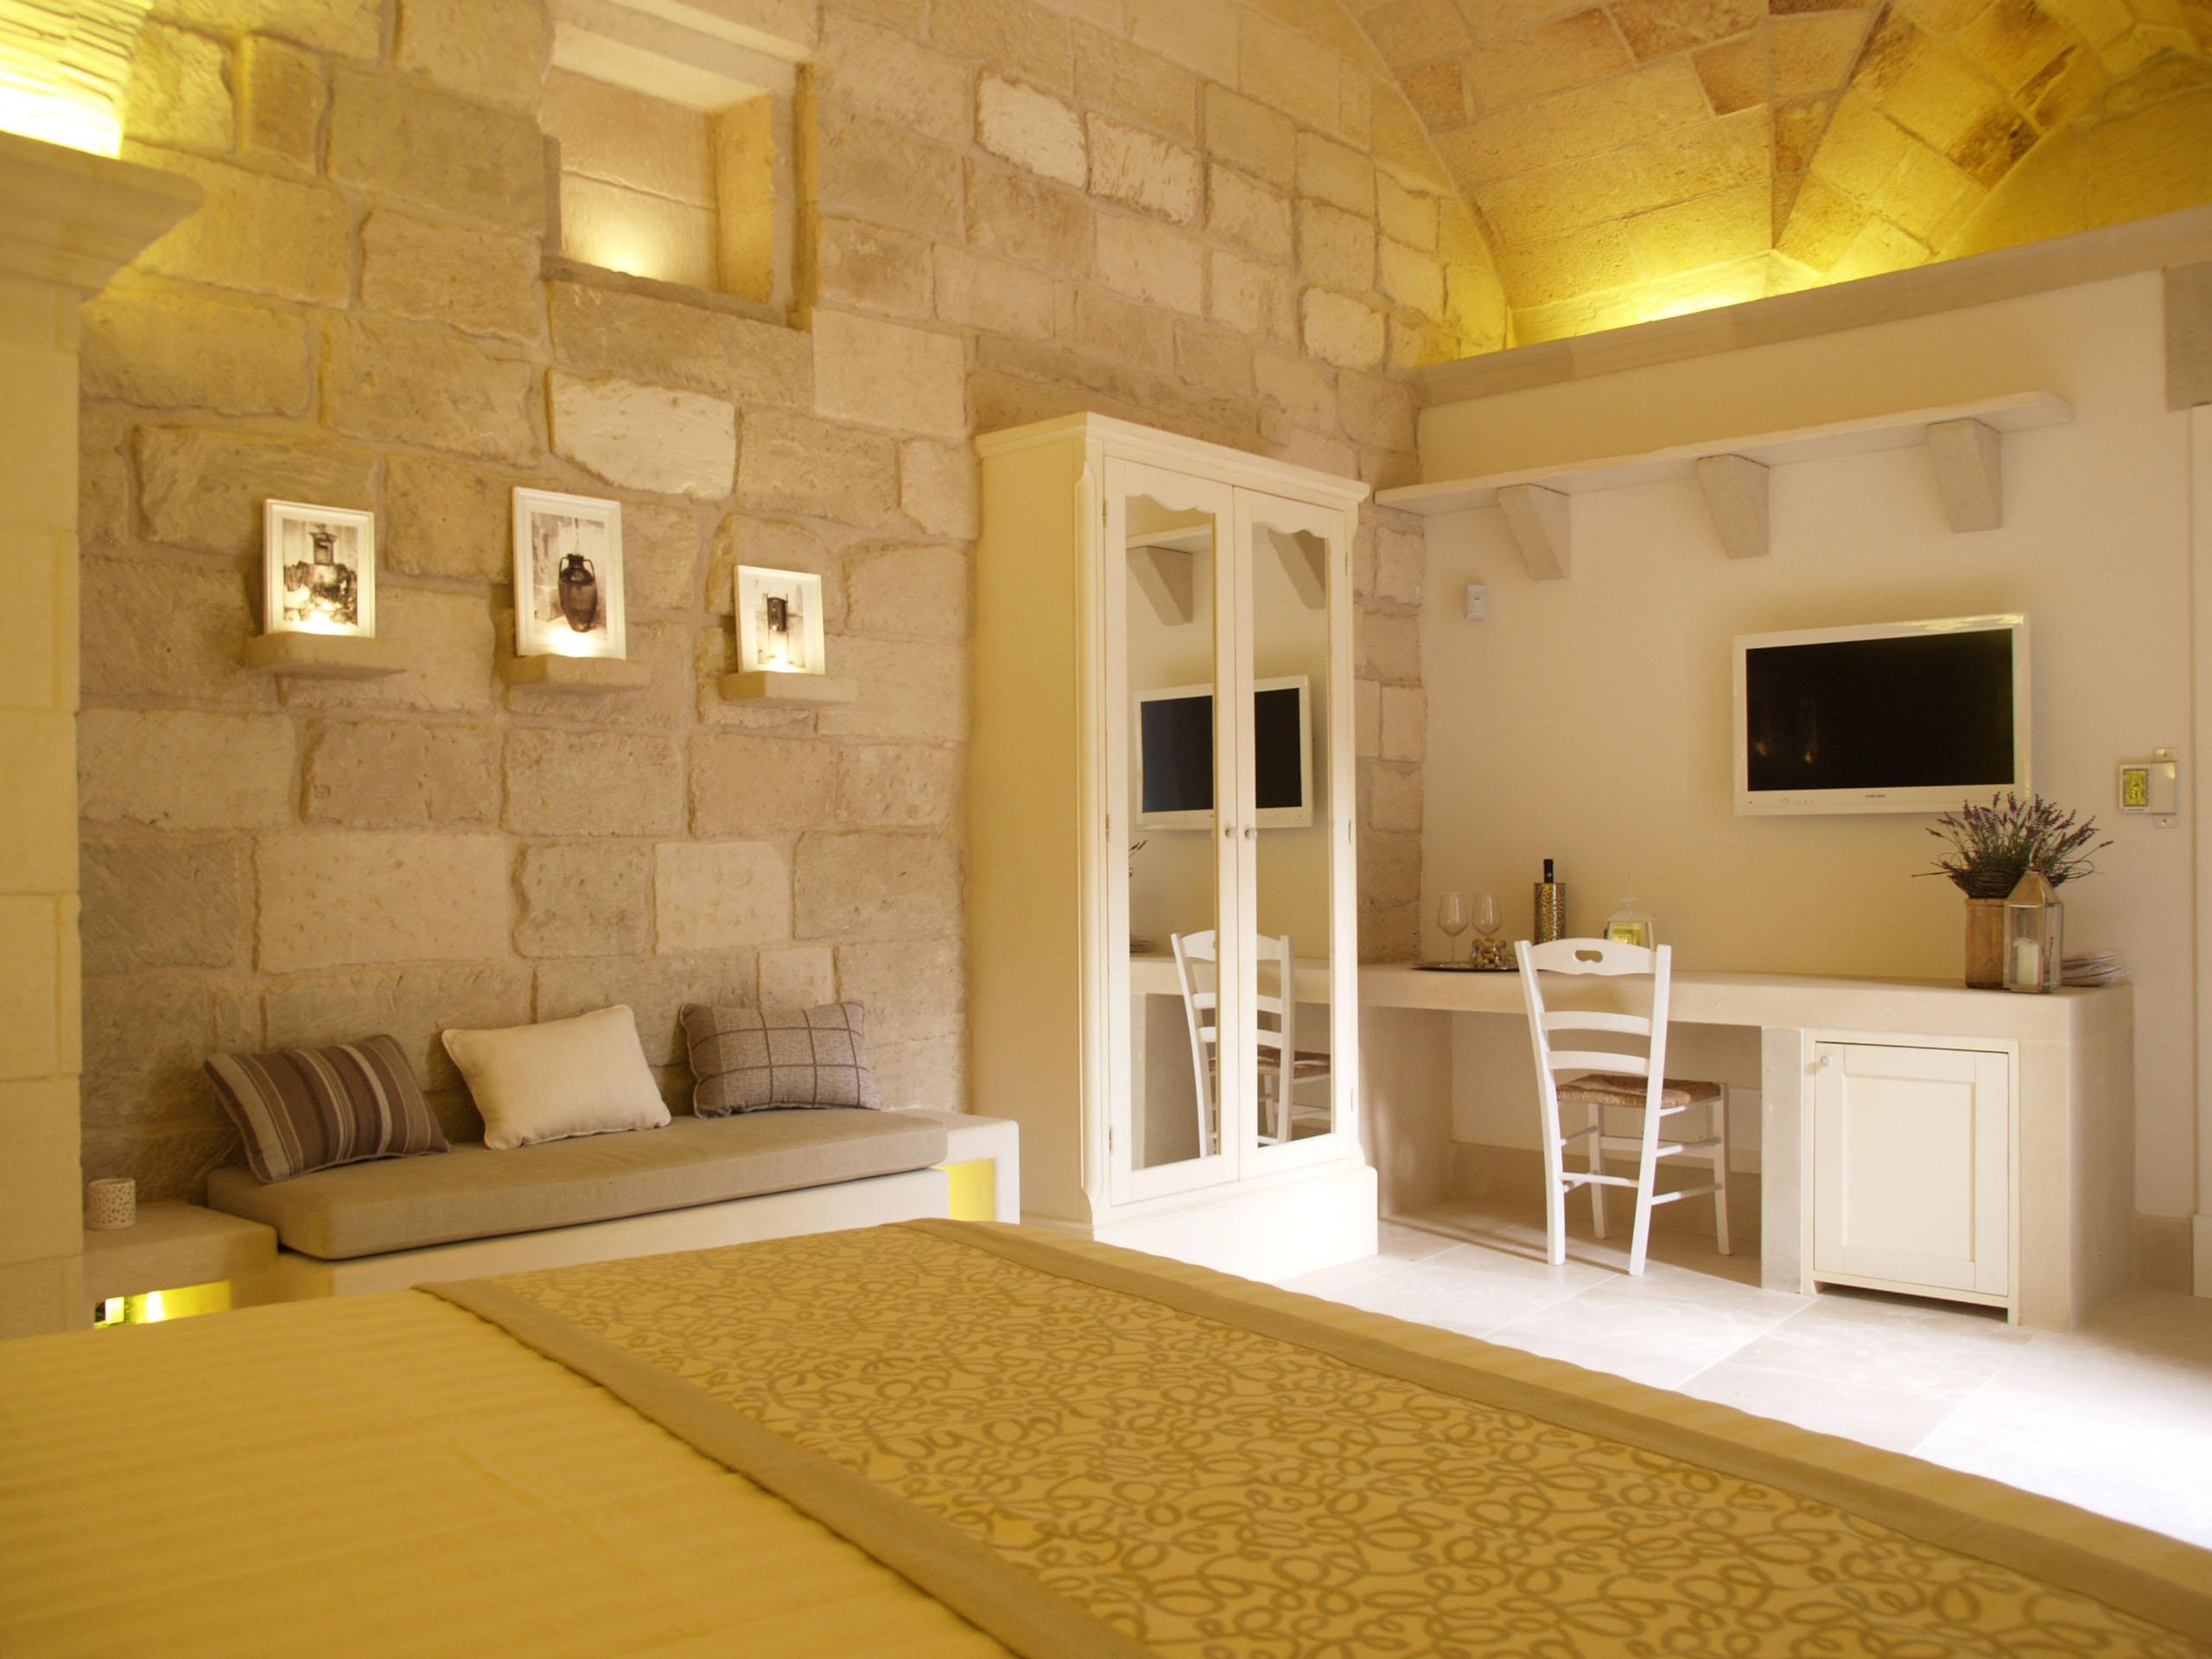 Bagno In Pietra Leccese : Nel salento albergo tutto in pietra leccese corriere salentino